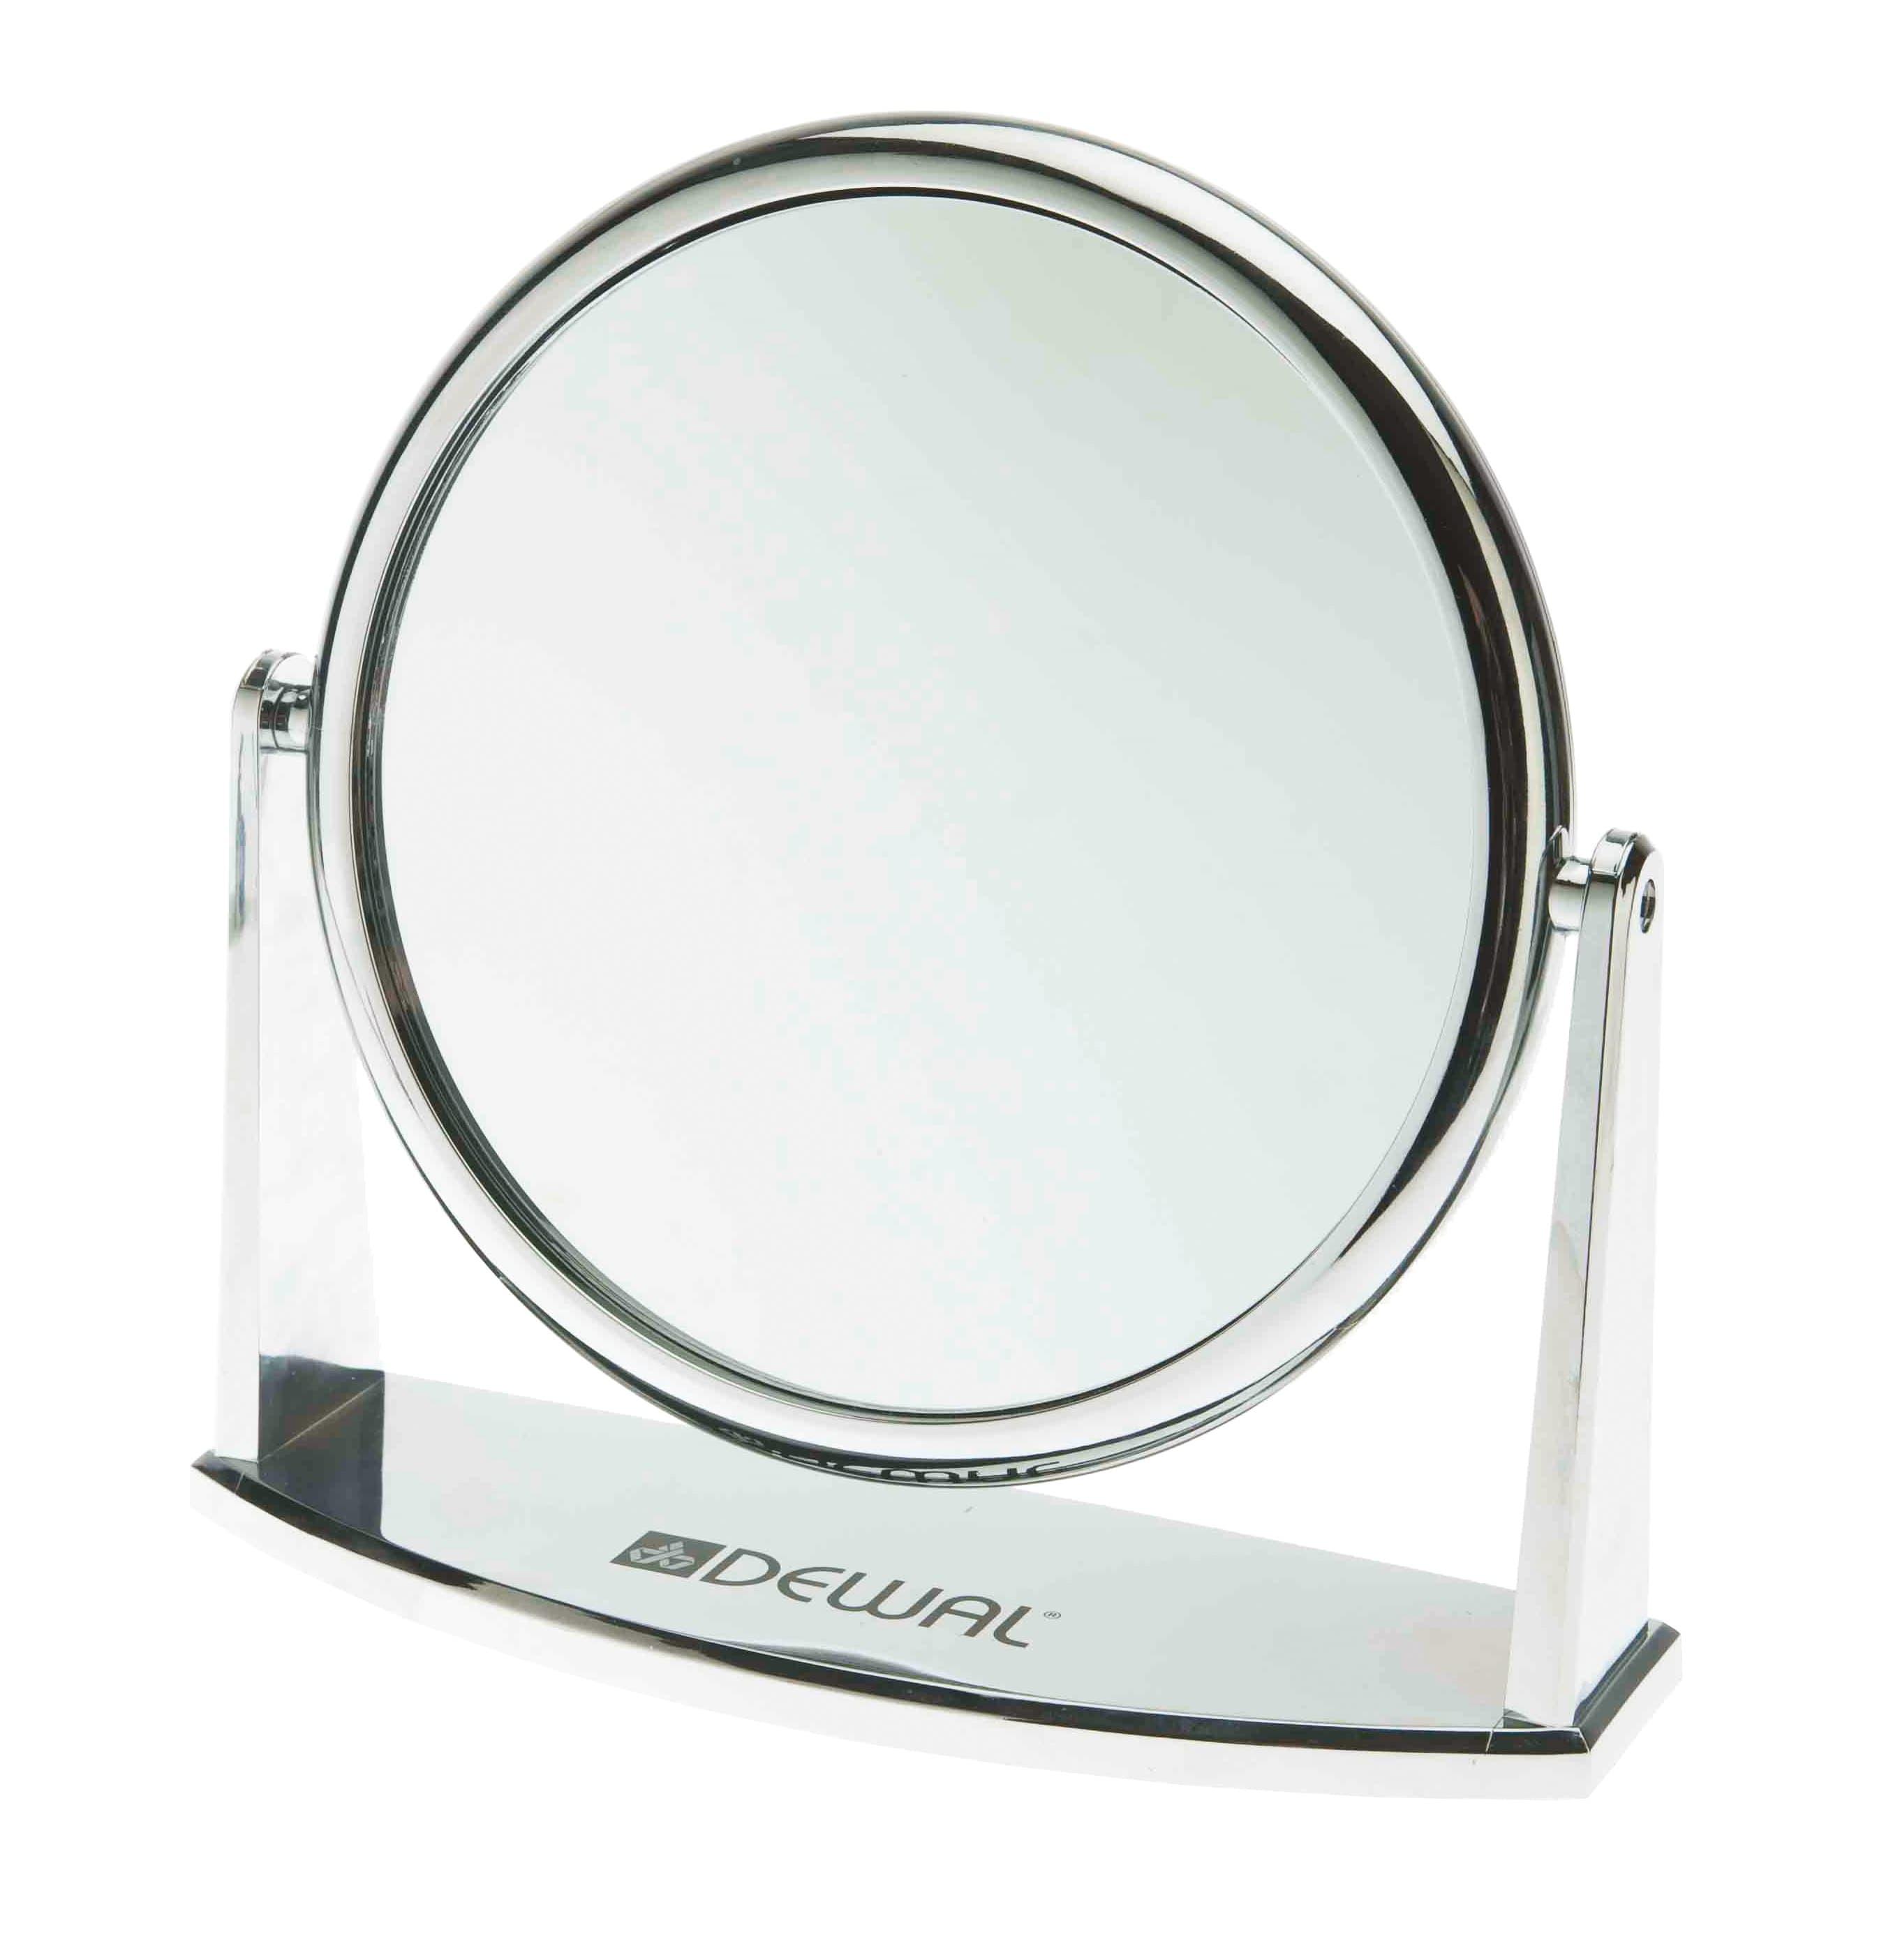 Зеркало Настольное Пластиковое Серебристое 18Х185См Mr-425